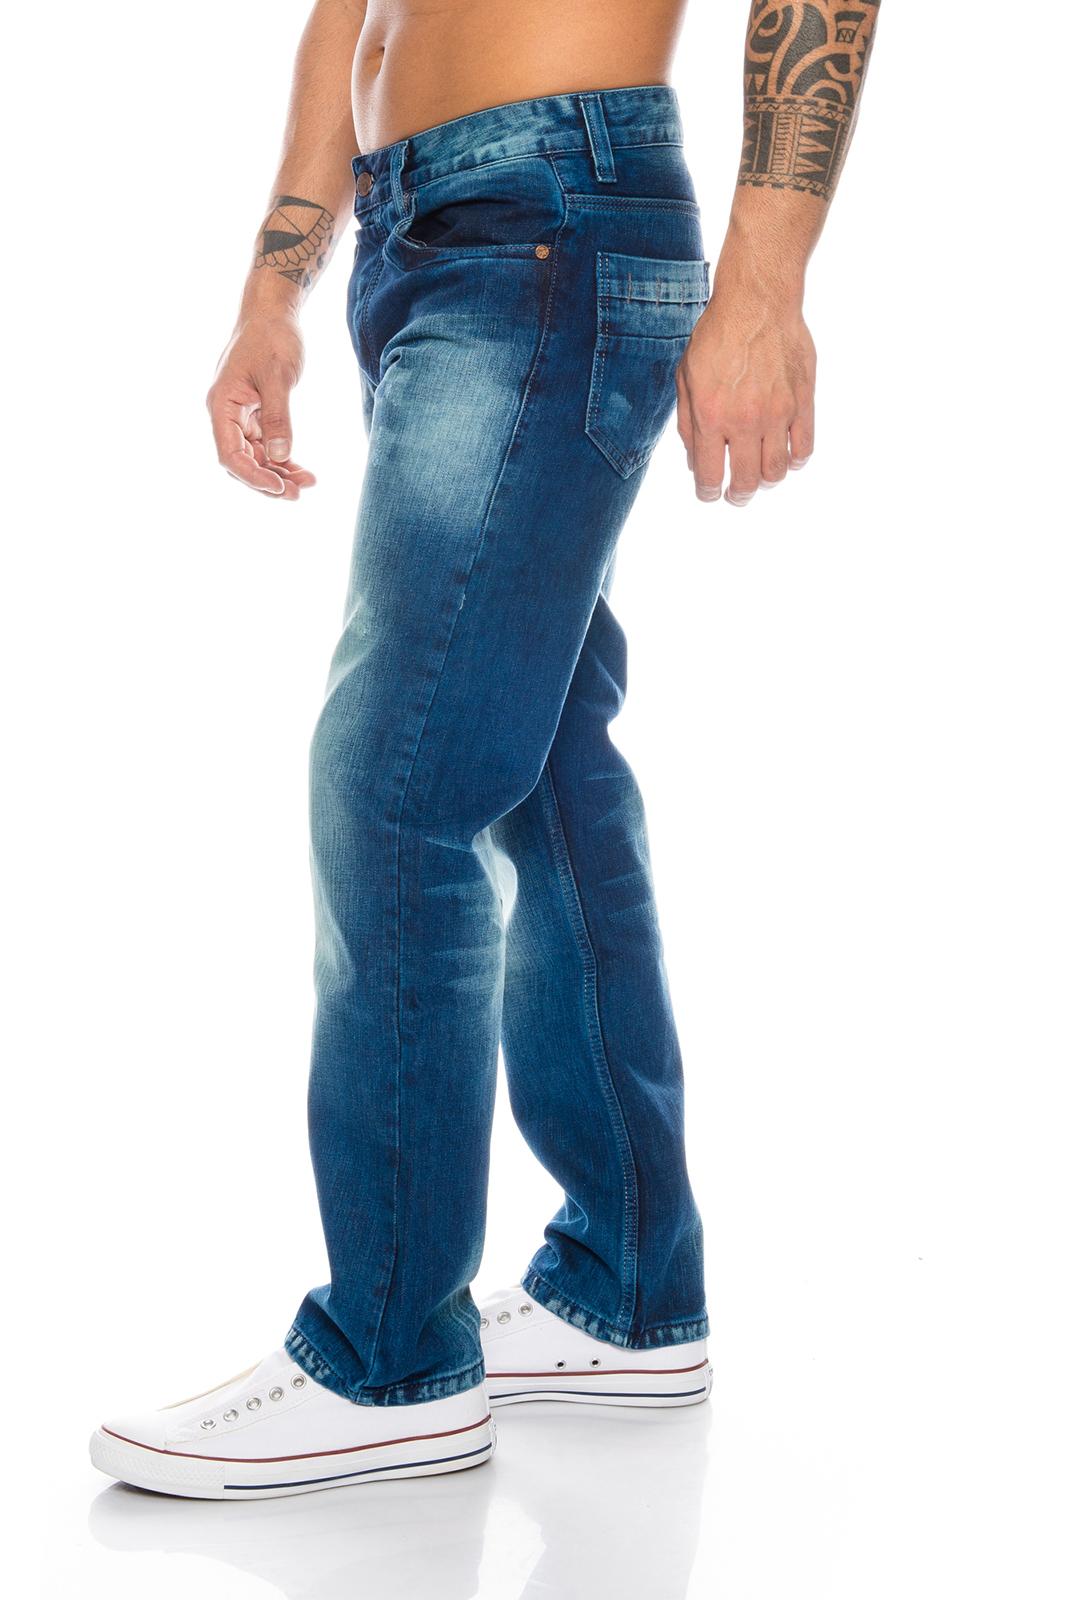 Rock-Creek Herren Jeans Cargo Style Stone Washed Clubwear Hose W30 ... 5481557975